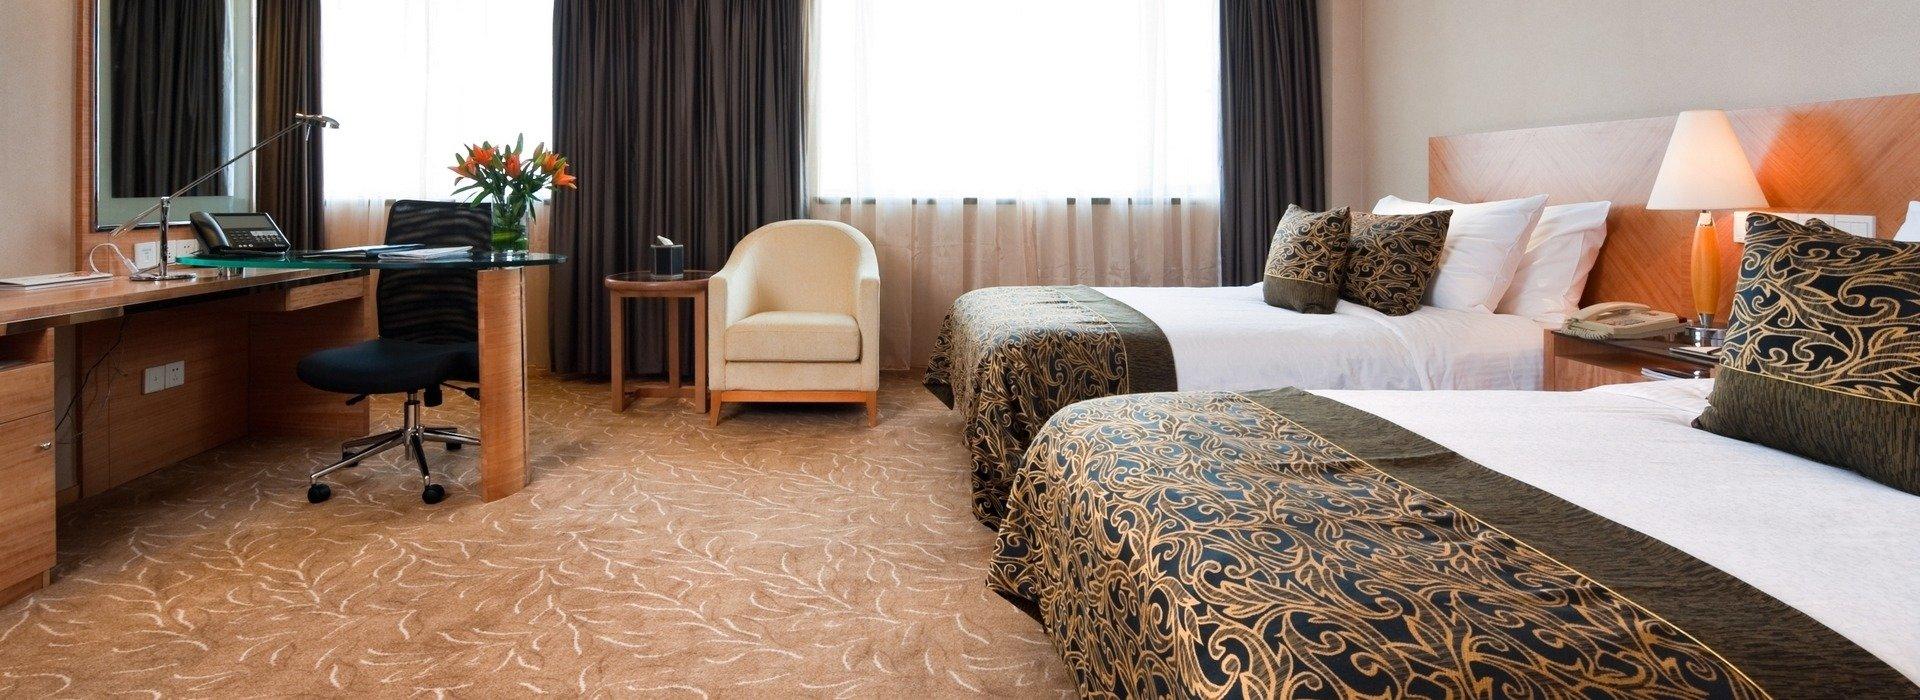 Budapesti Hotelek - Budapesti szállodák